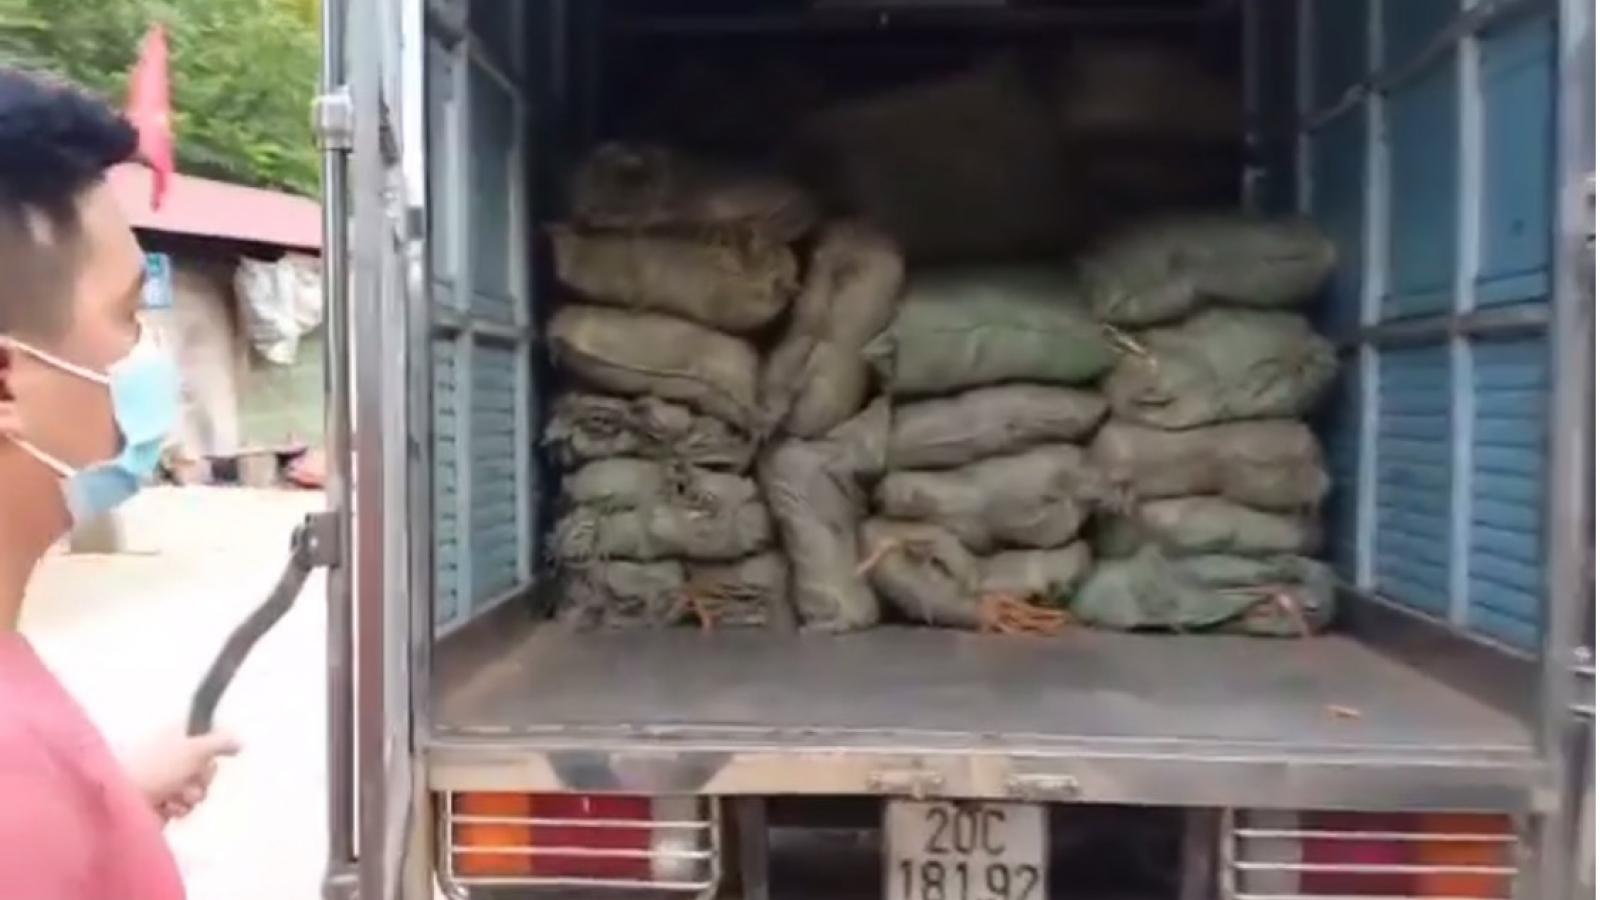 Xe tải chở hơn 1,8 tấn nguyên liệu thuốc lá không rõ nguồn gốc